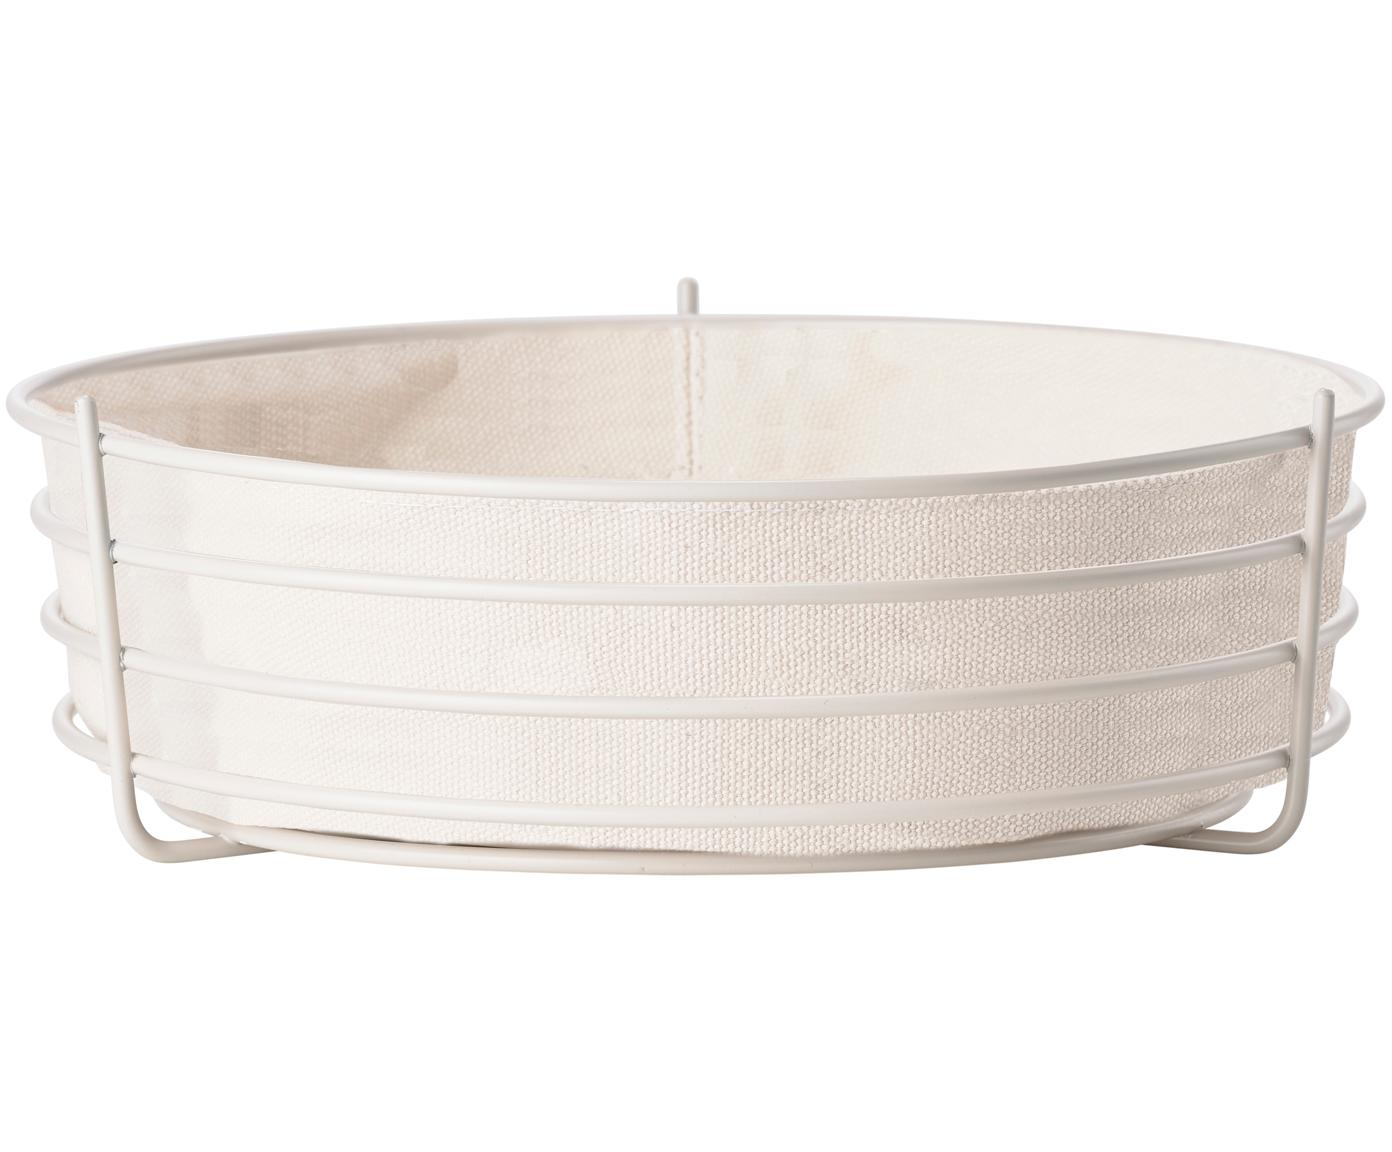 Brotkorb Gola mit herausnehmbarem Einsatz, Brotkorb: Metall, beschichtet, Beutel: Baumwolle, Helles Beige, Ø 26 x H 8 cm